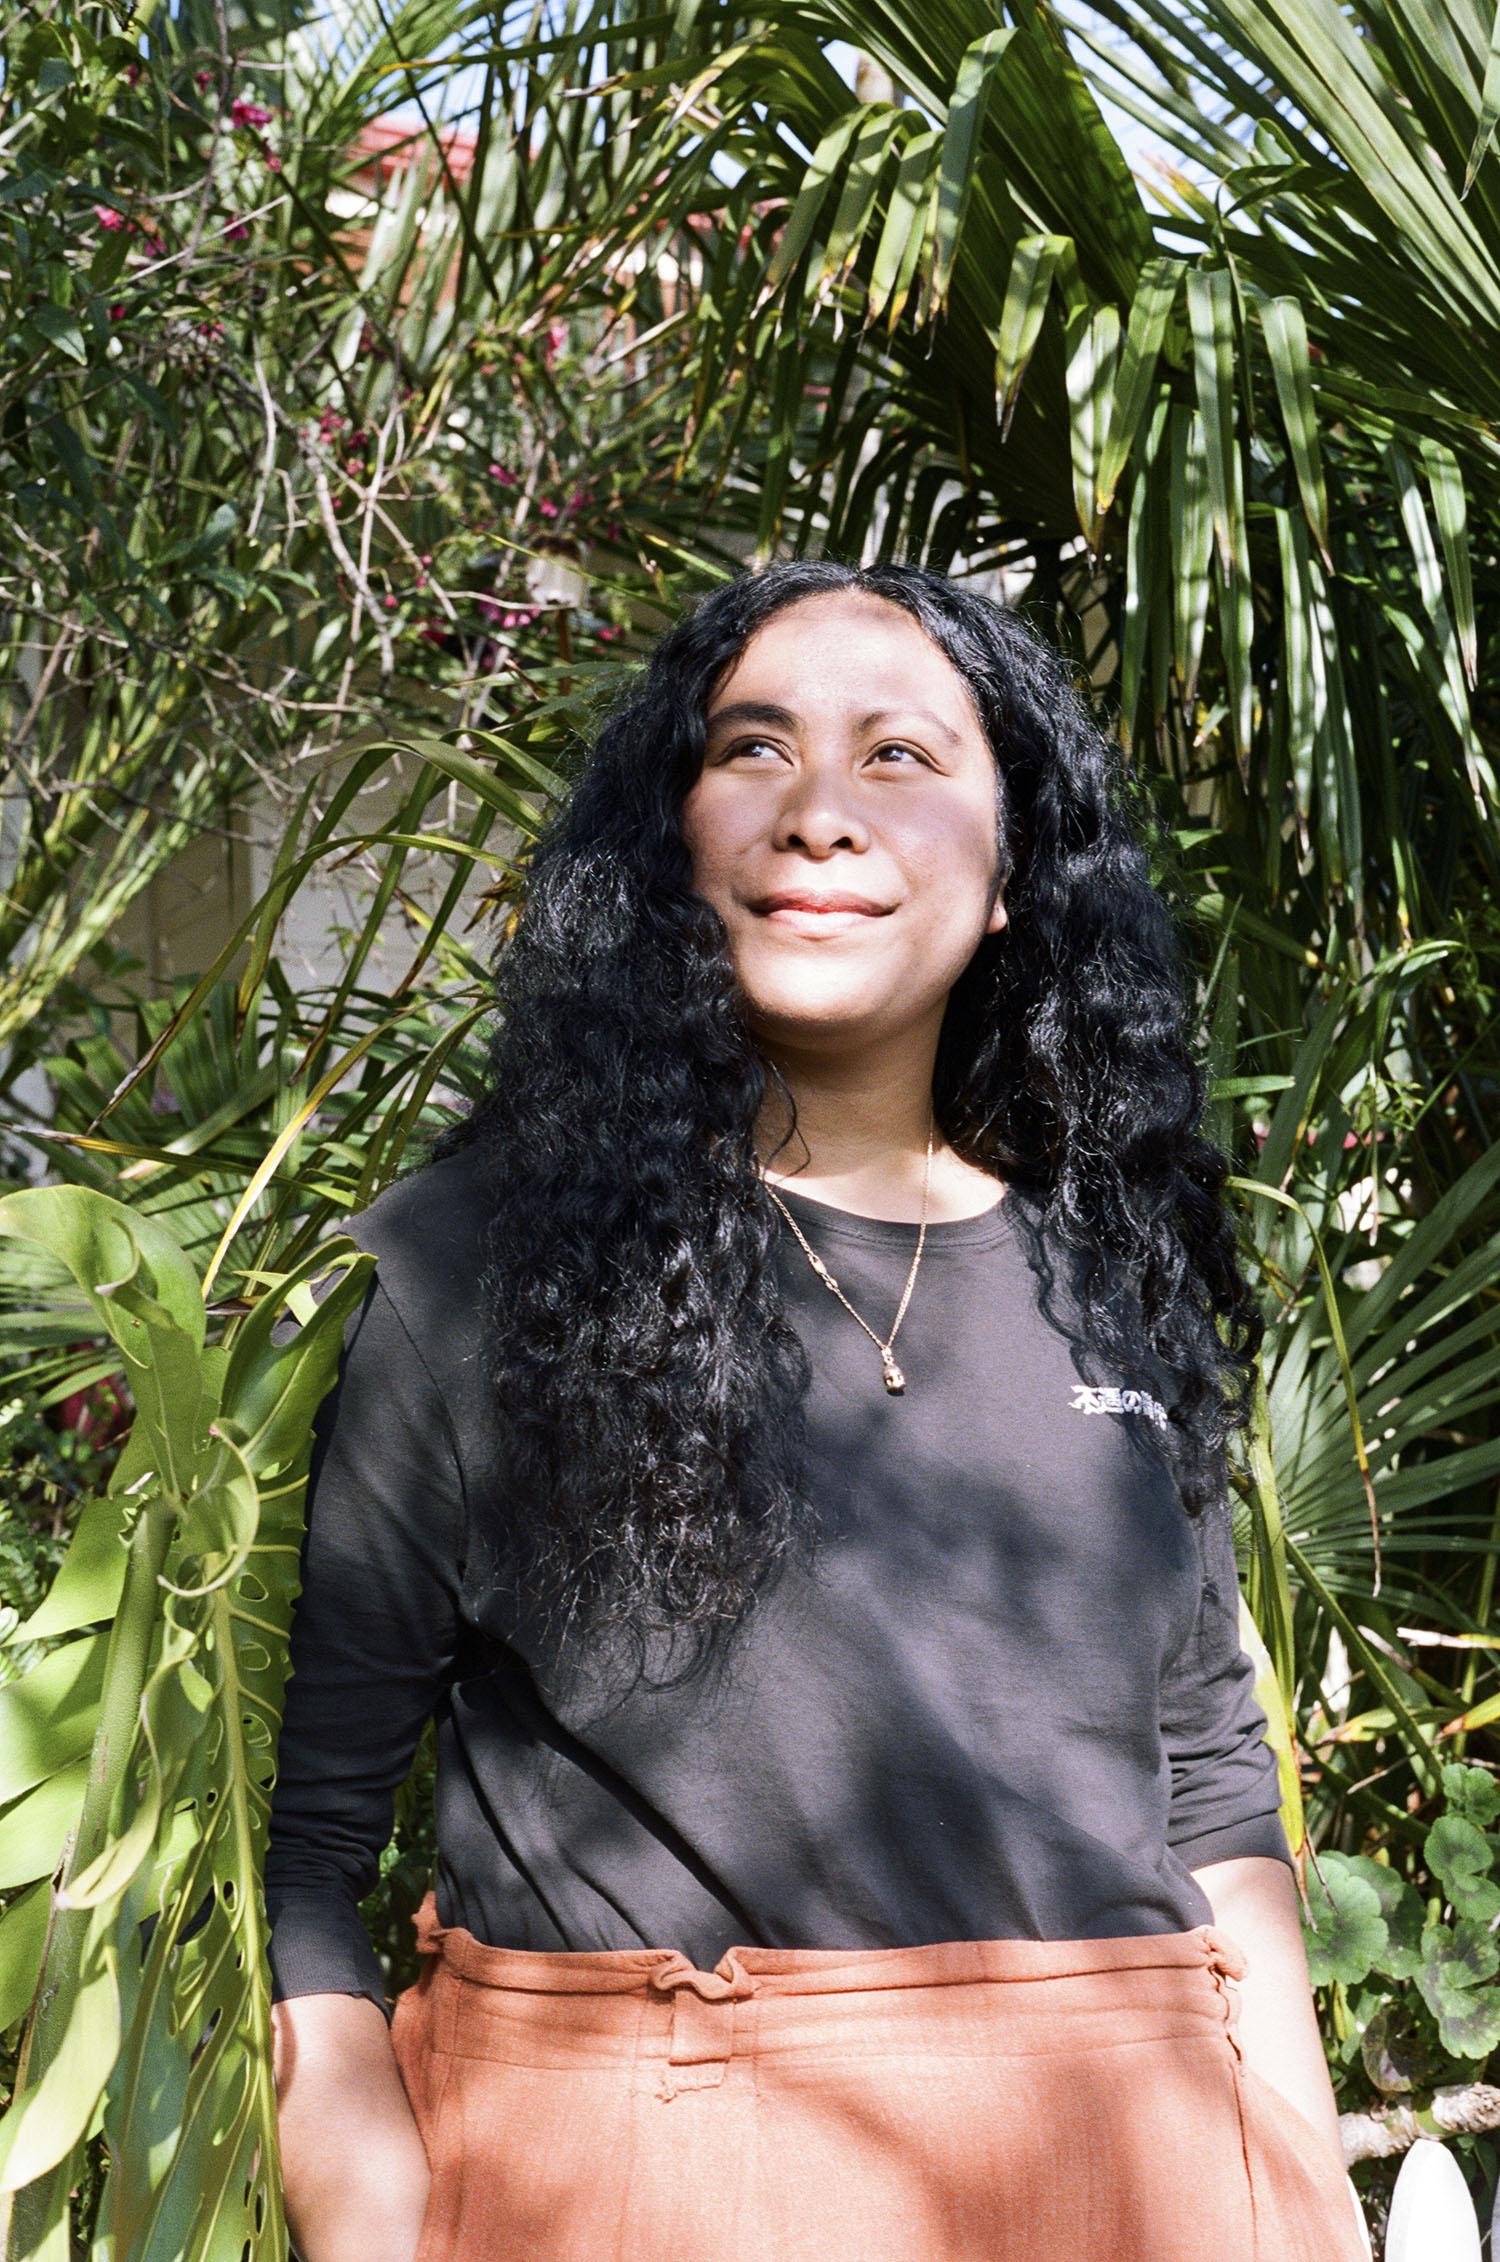 Amy Maslen-Miller, also known as Samoan Scientist